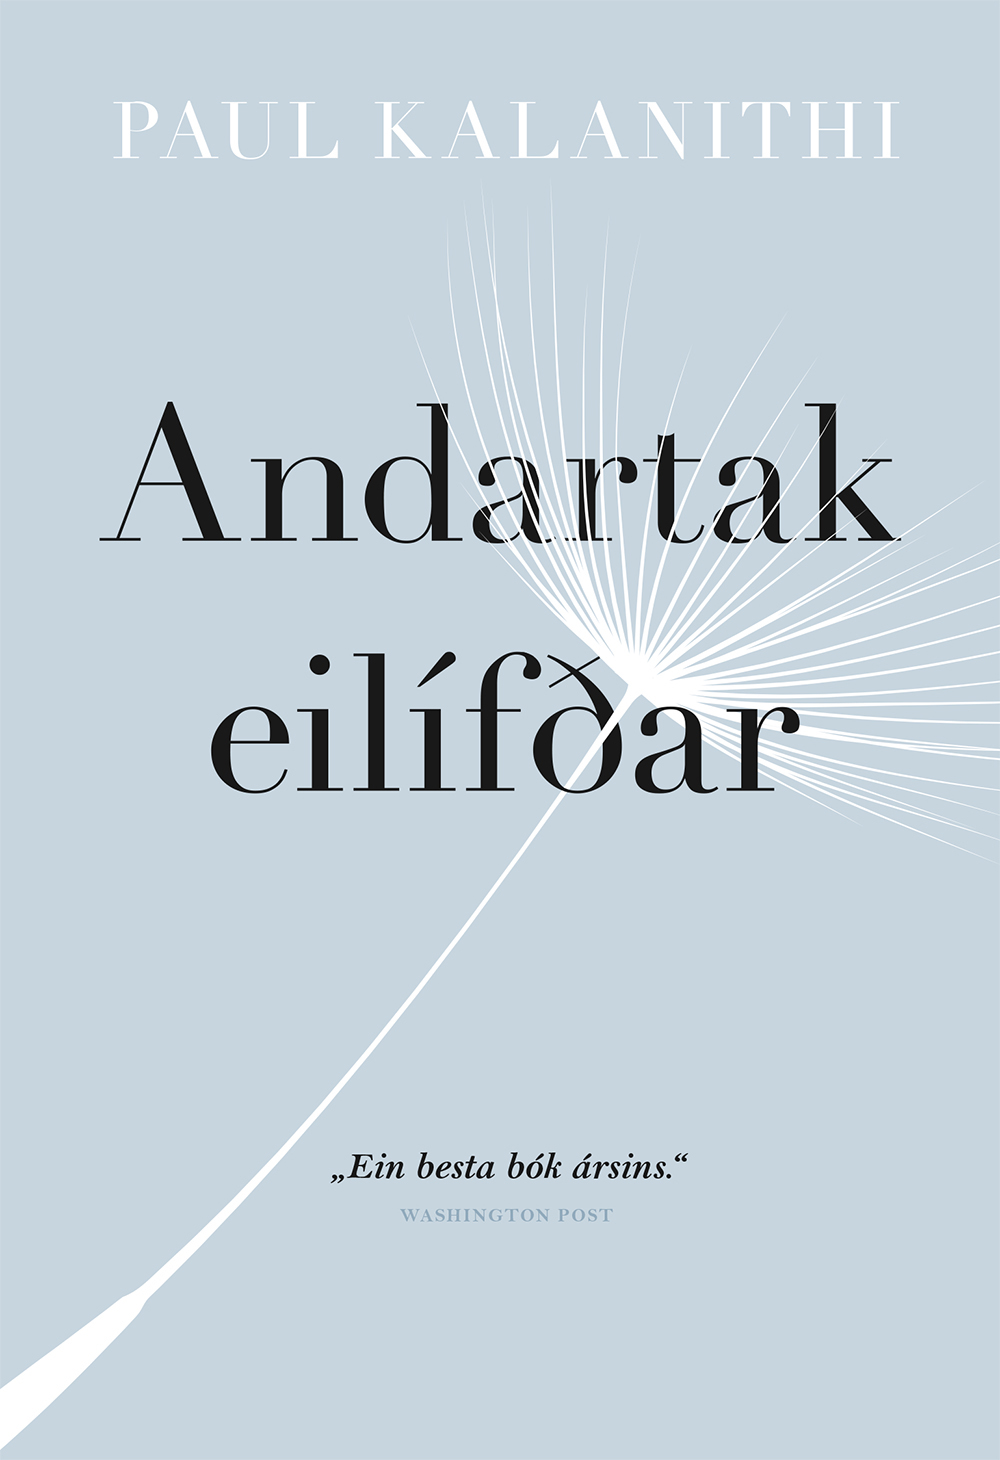 Andartak eilífðar